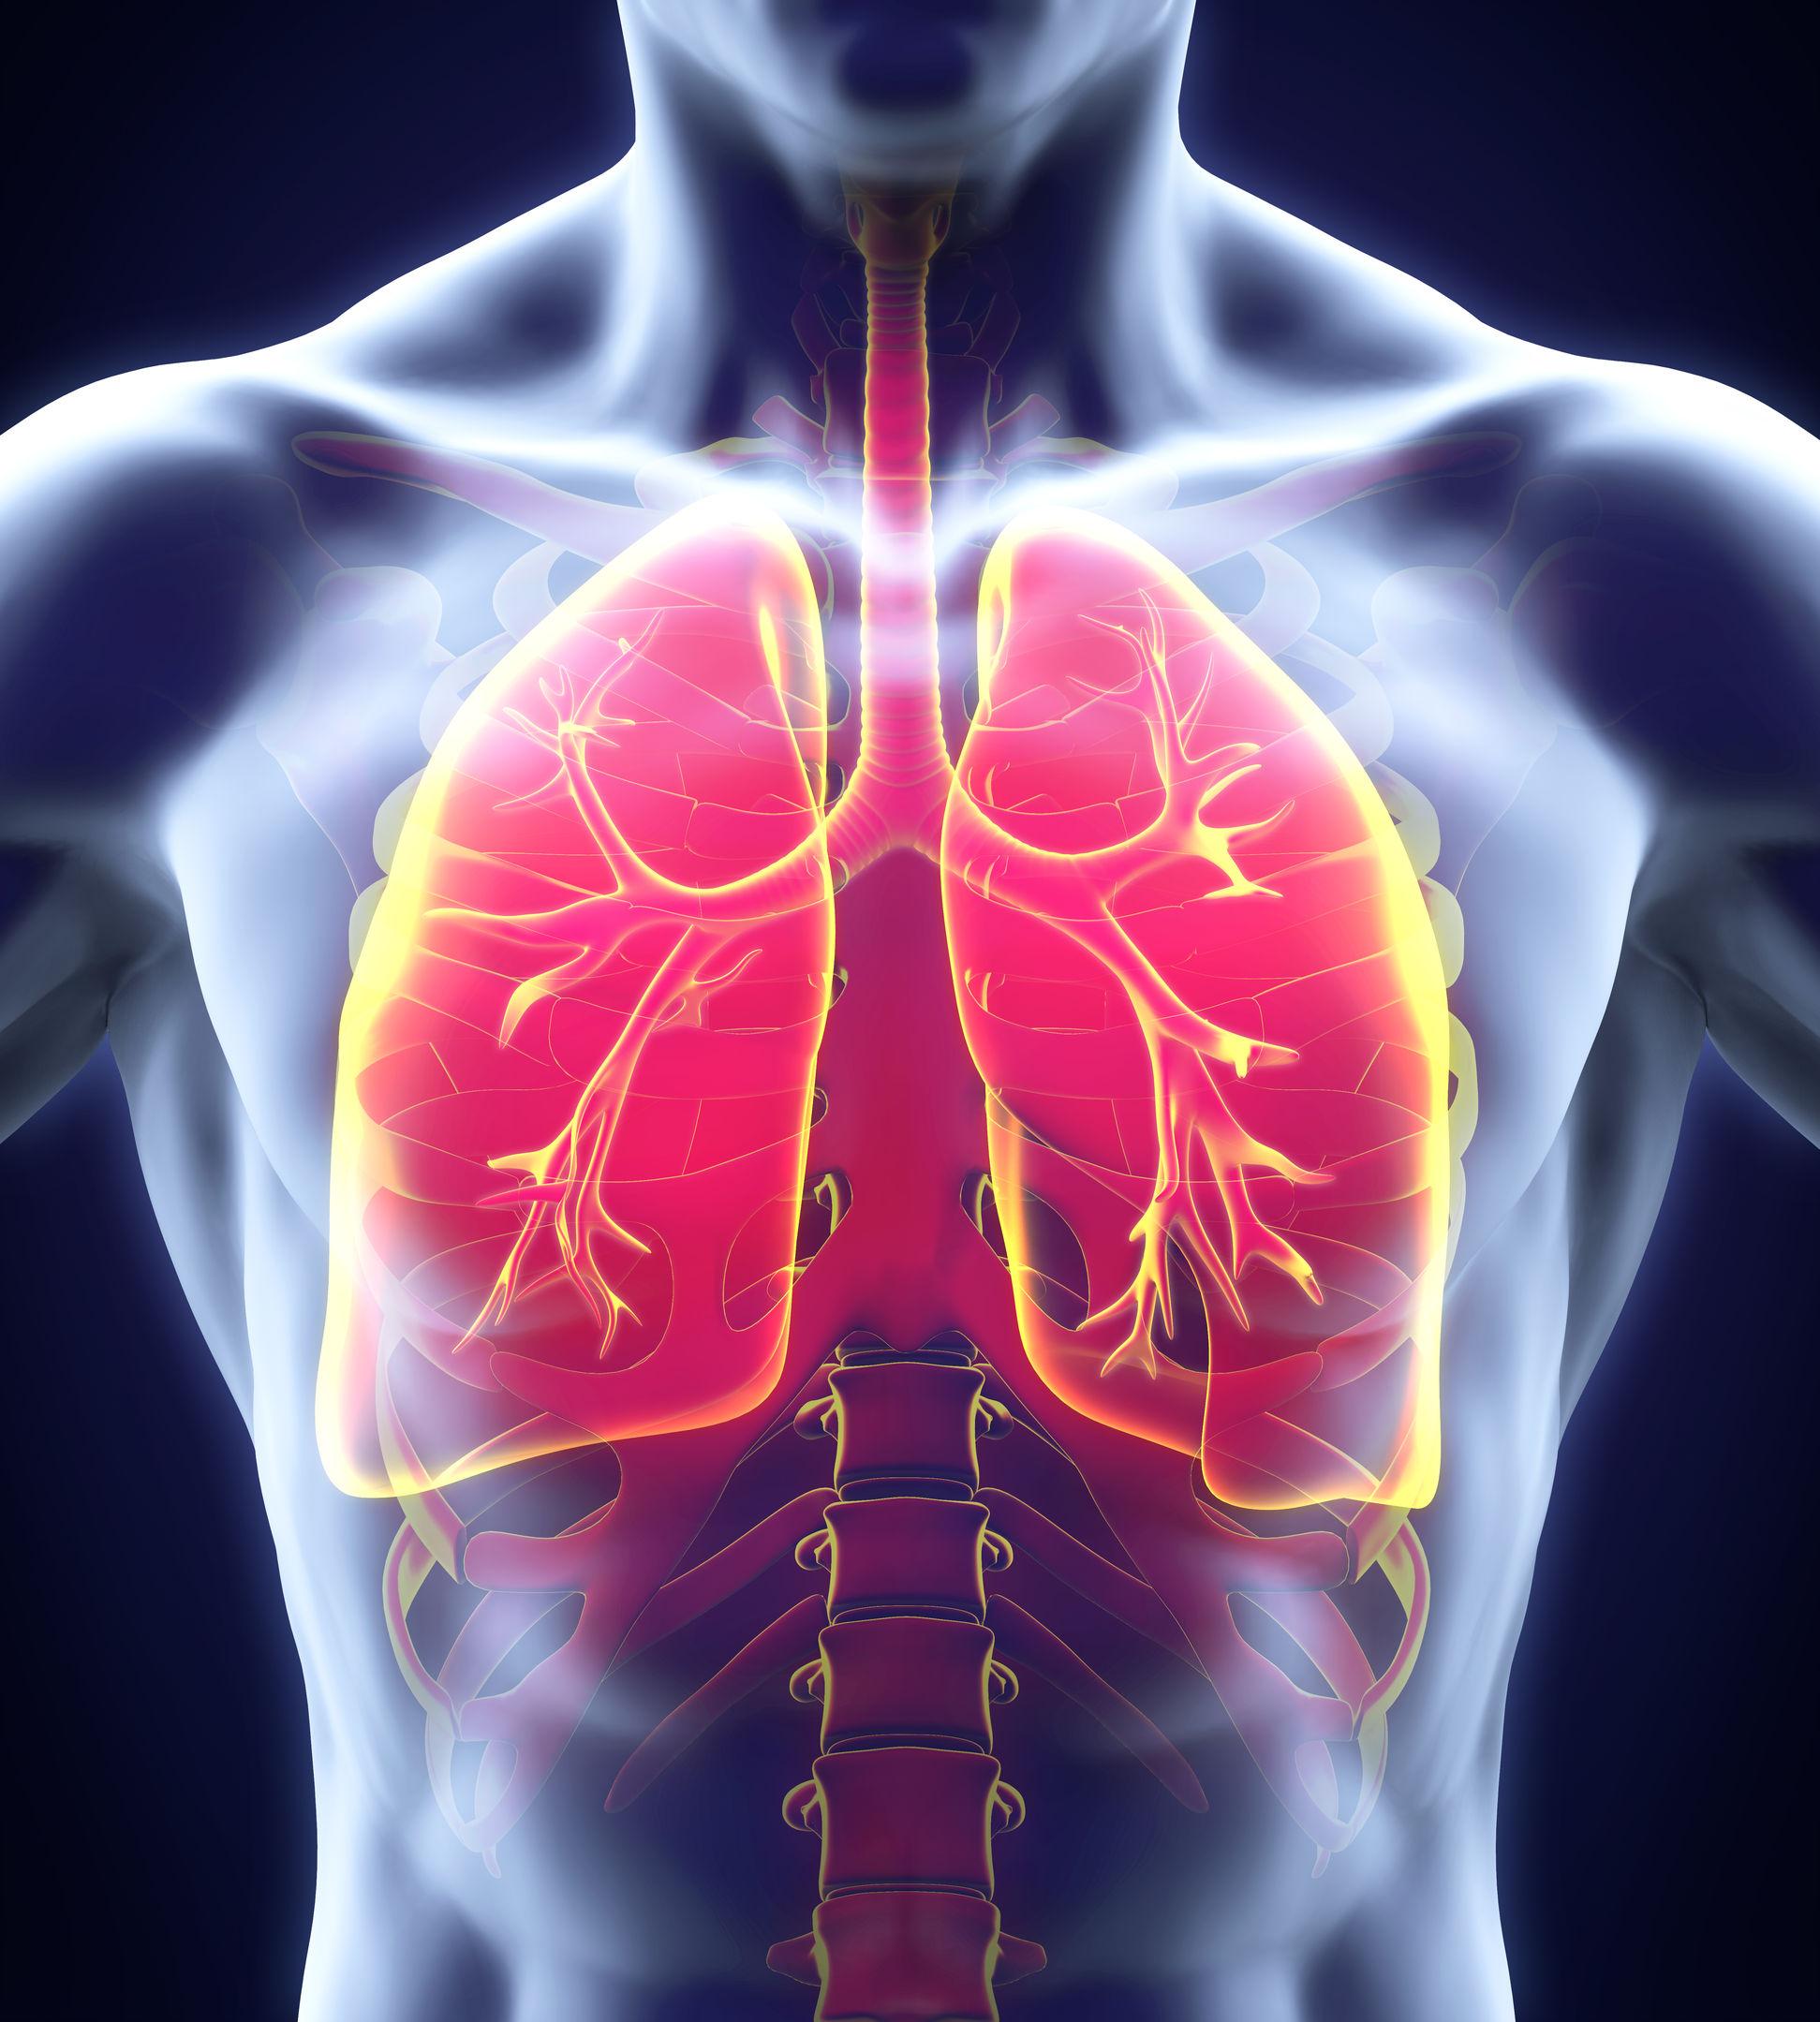 Ciche objawy problemów z płucami